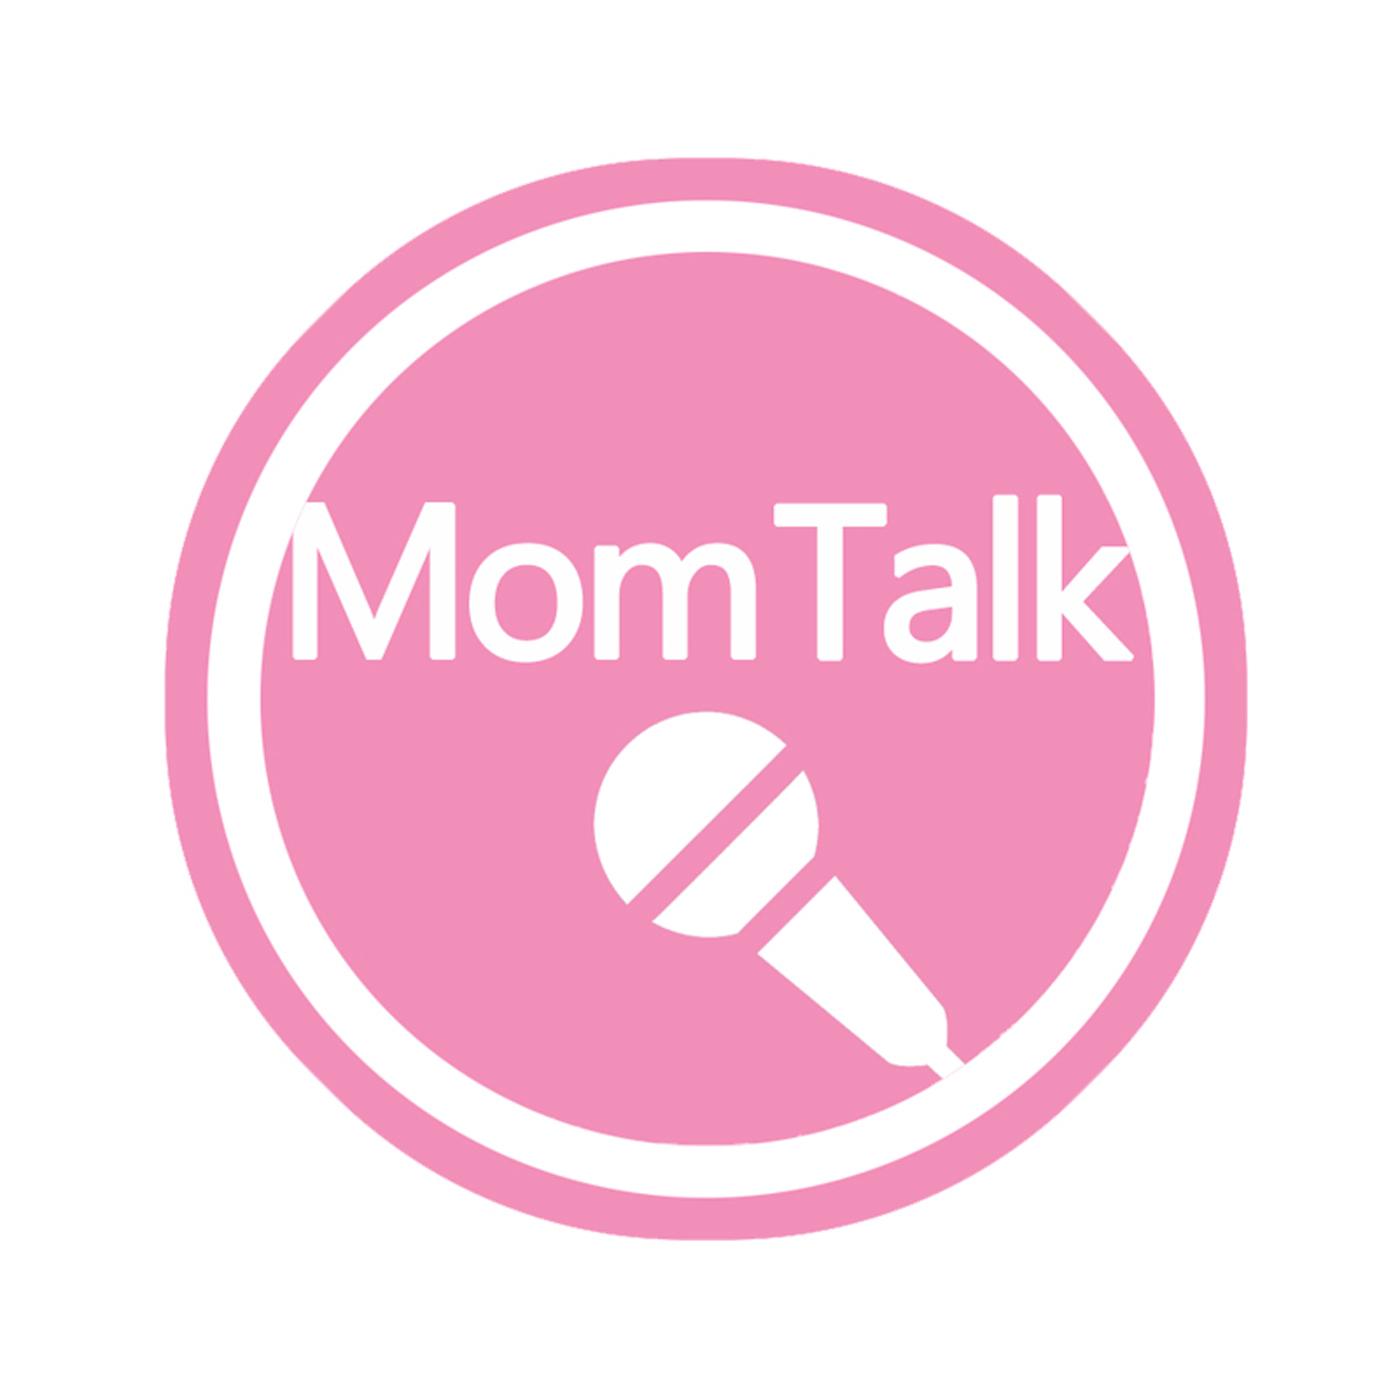 08 母乳喂养-37度的爱 | 孕妈有话聊